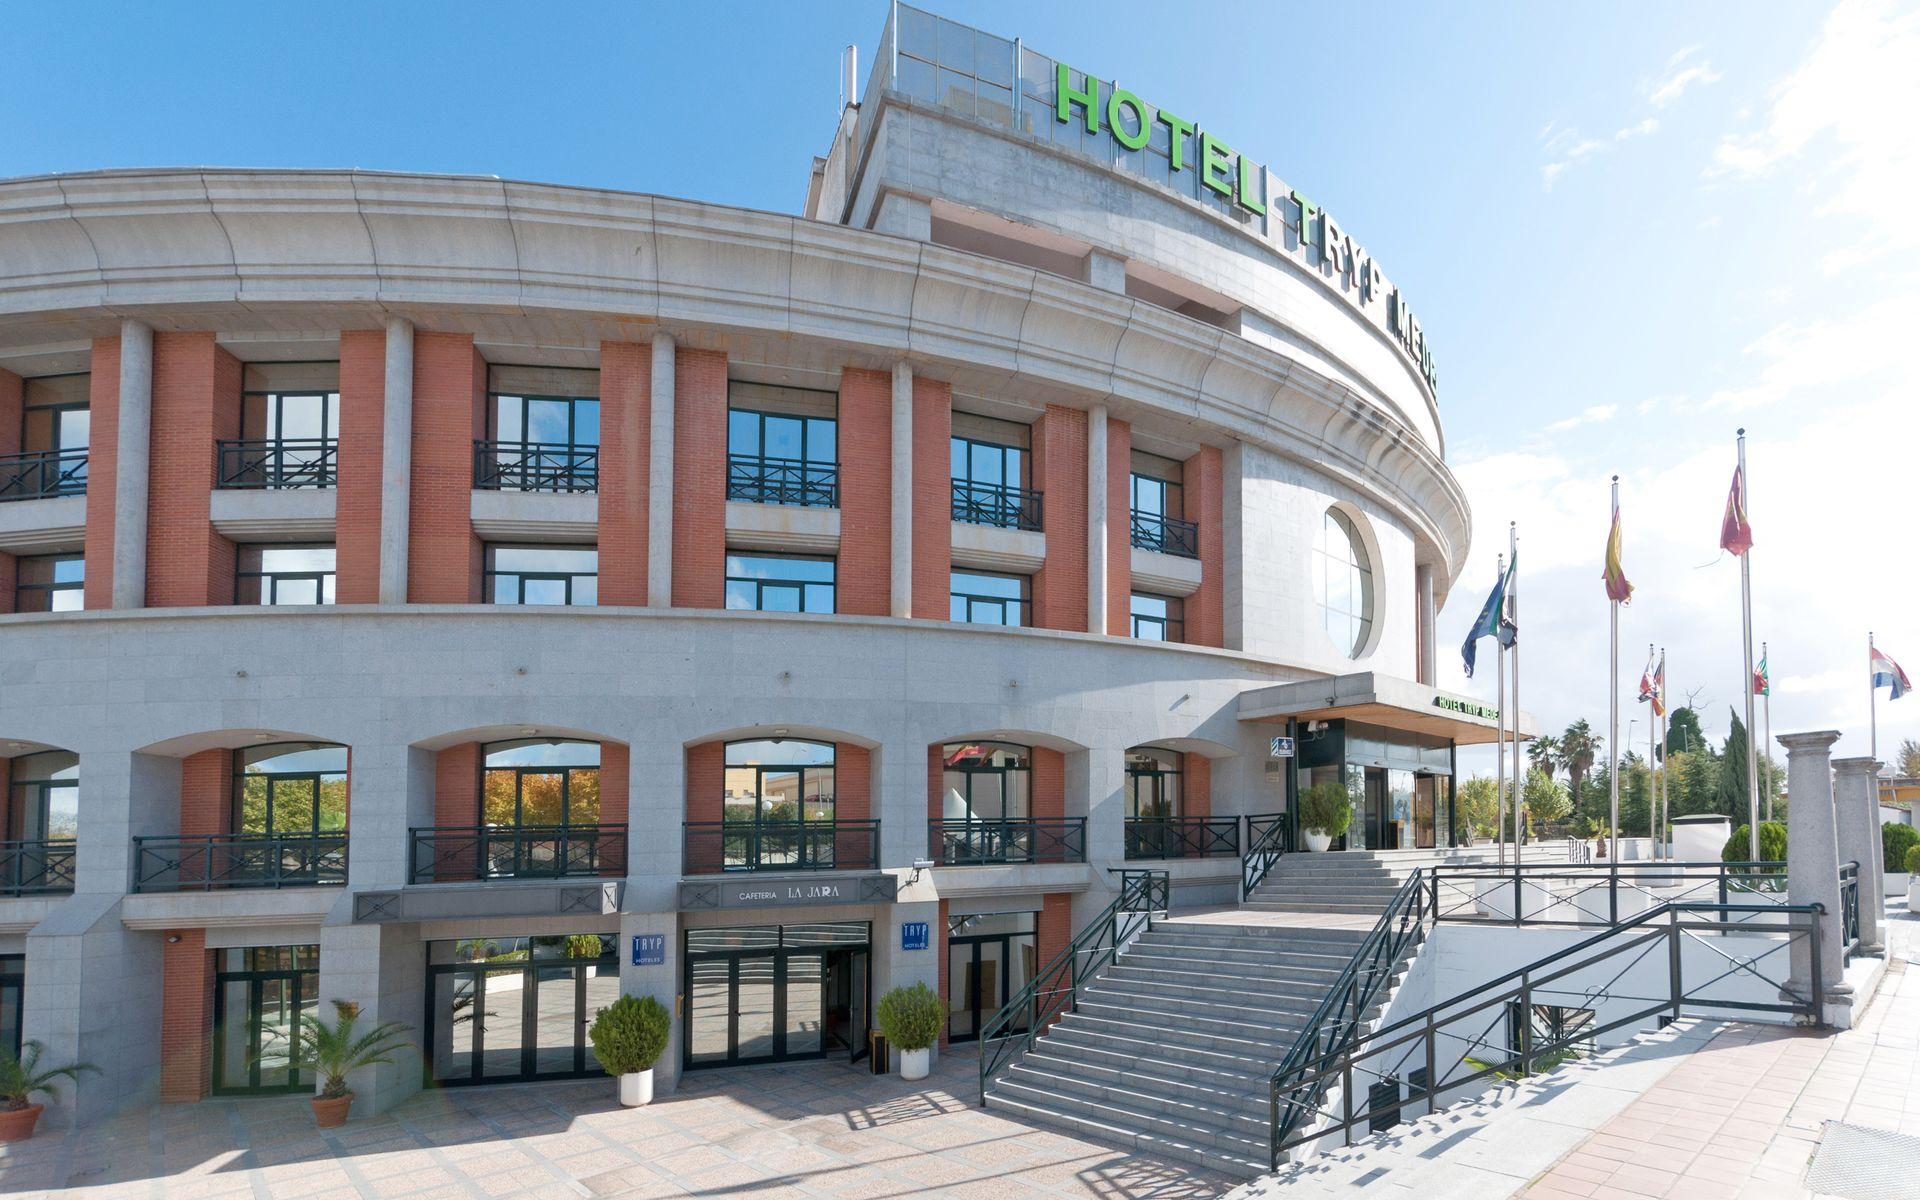 Отель в Мериде TRYP Merida Medea Hotel